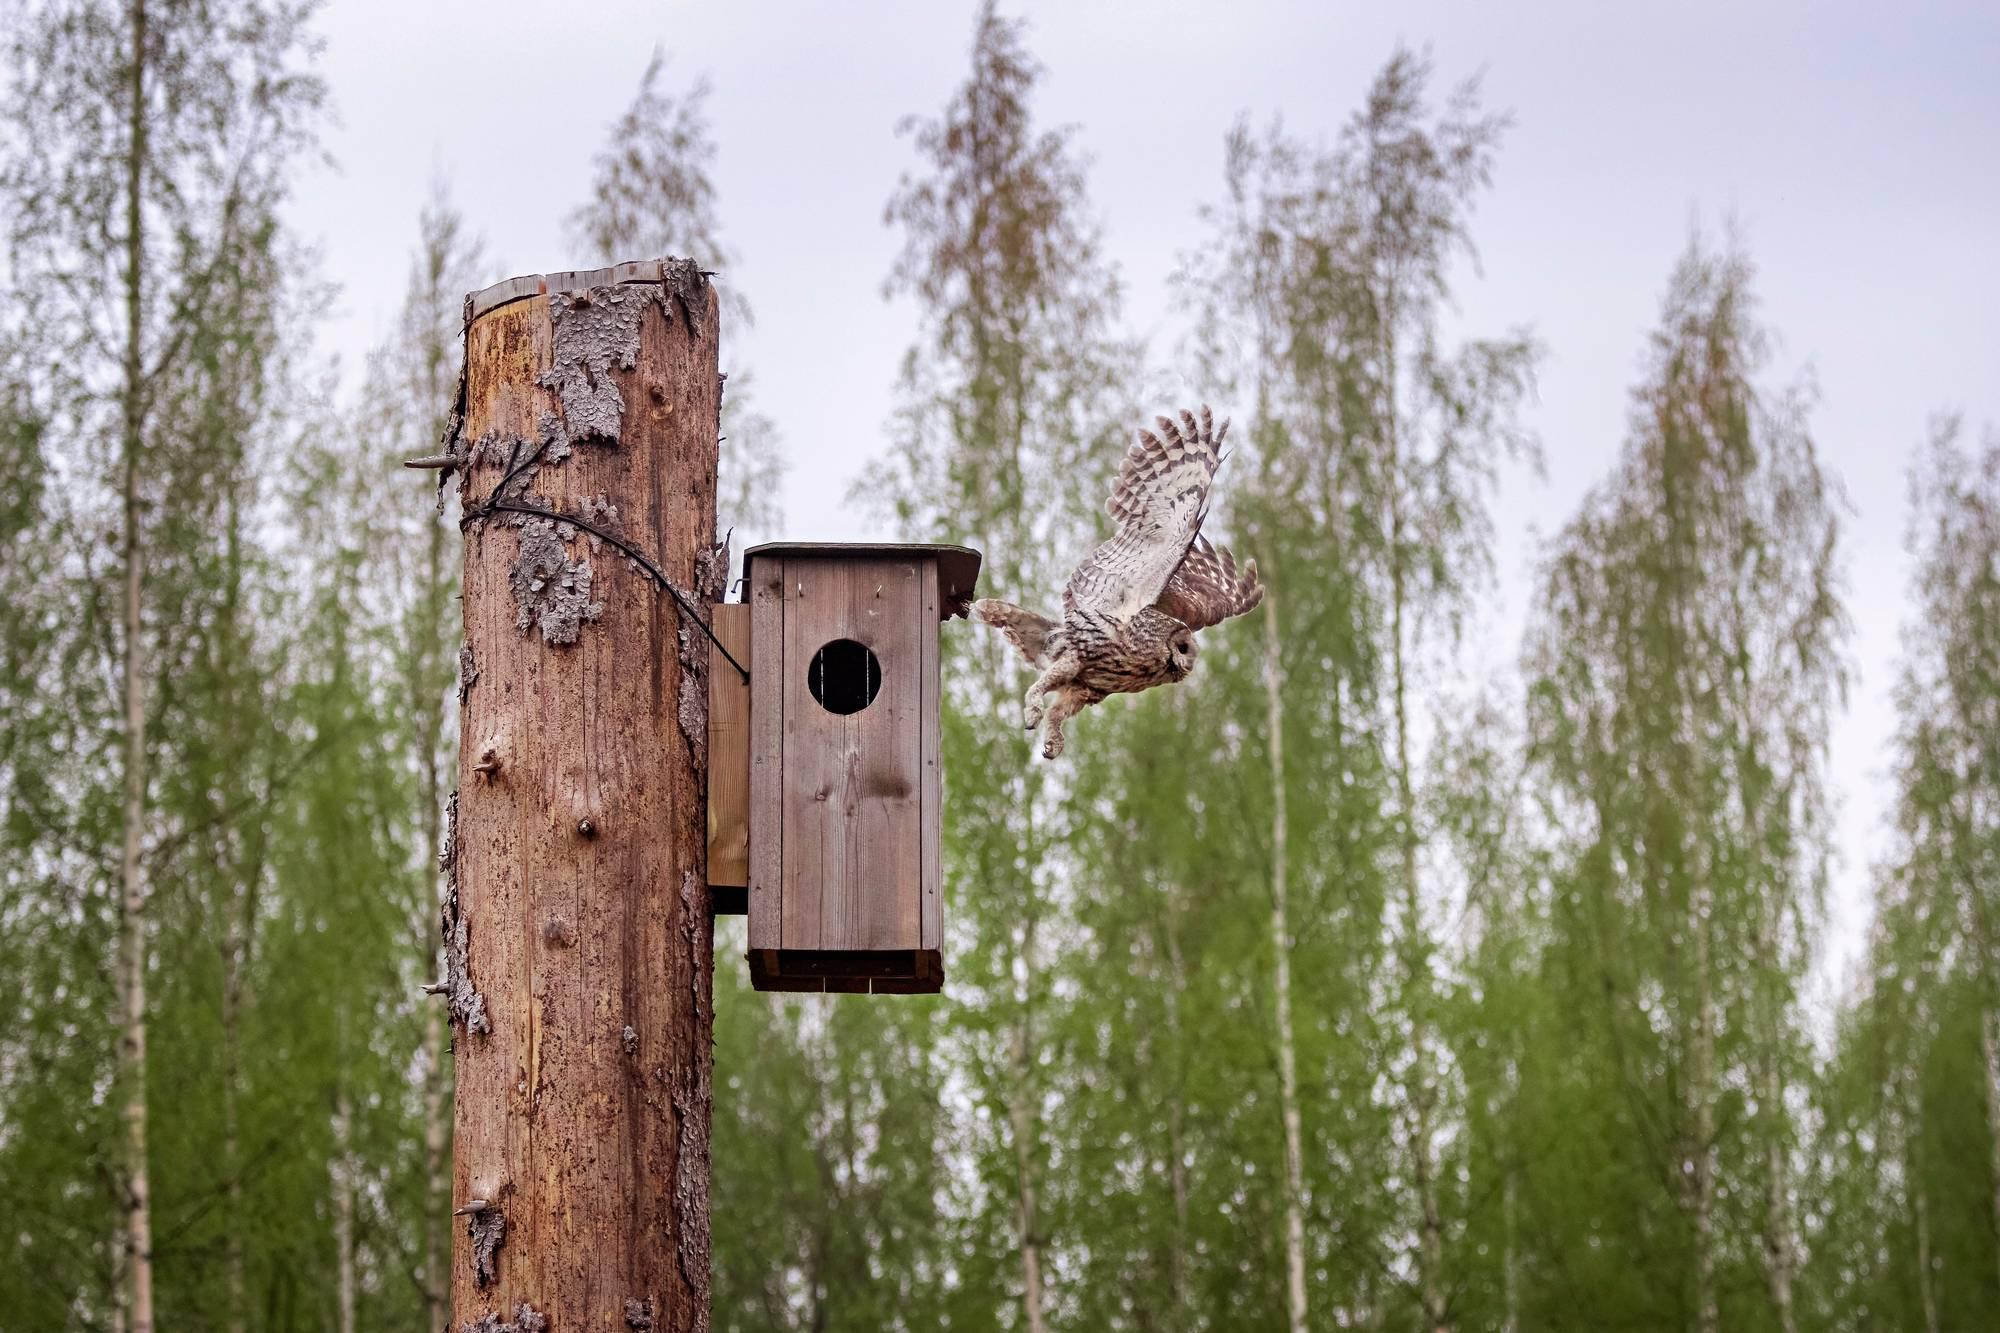 Lehtopöllönaaras lähtee pesästään. Pönttö sijaitsee avohakatussa metsässä Hyömäen kylässä, ohjeiden mukaan katkaistussa kuusessa.